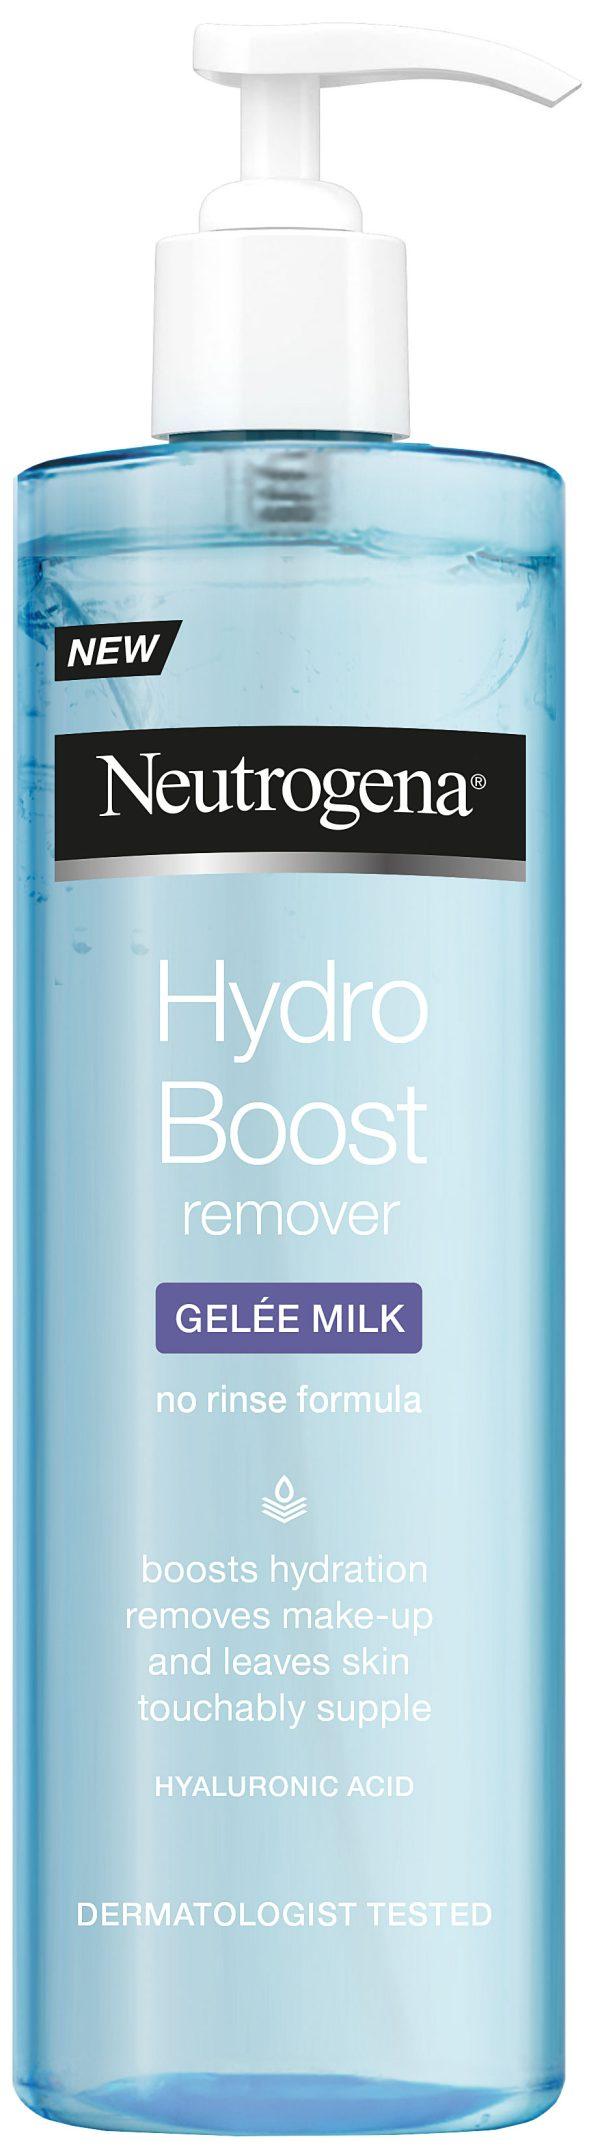 חלב פנים ג'ל מסיר איפור ומעניק לחות מסדרת ®Hydro Boost